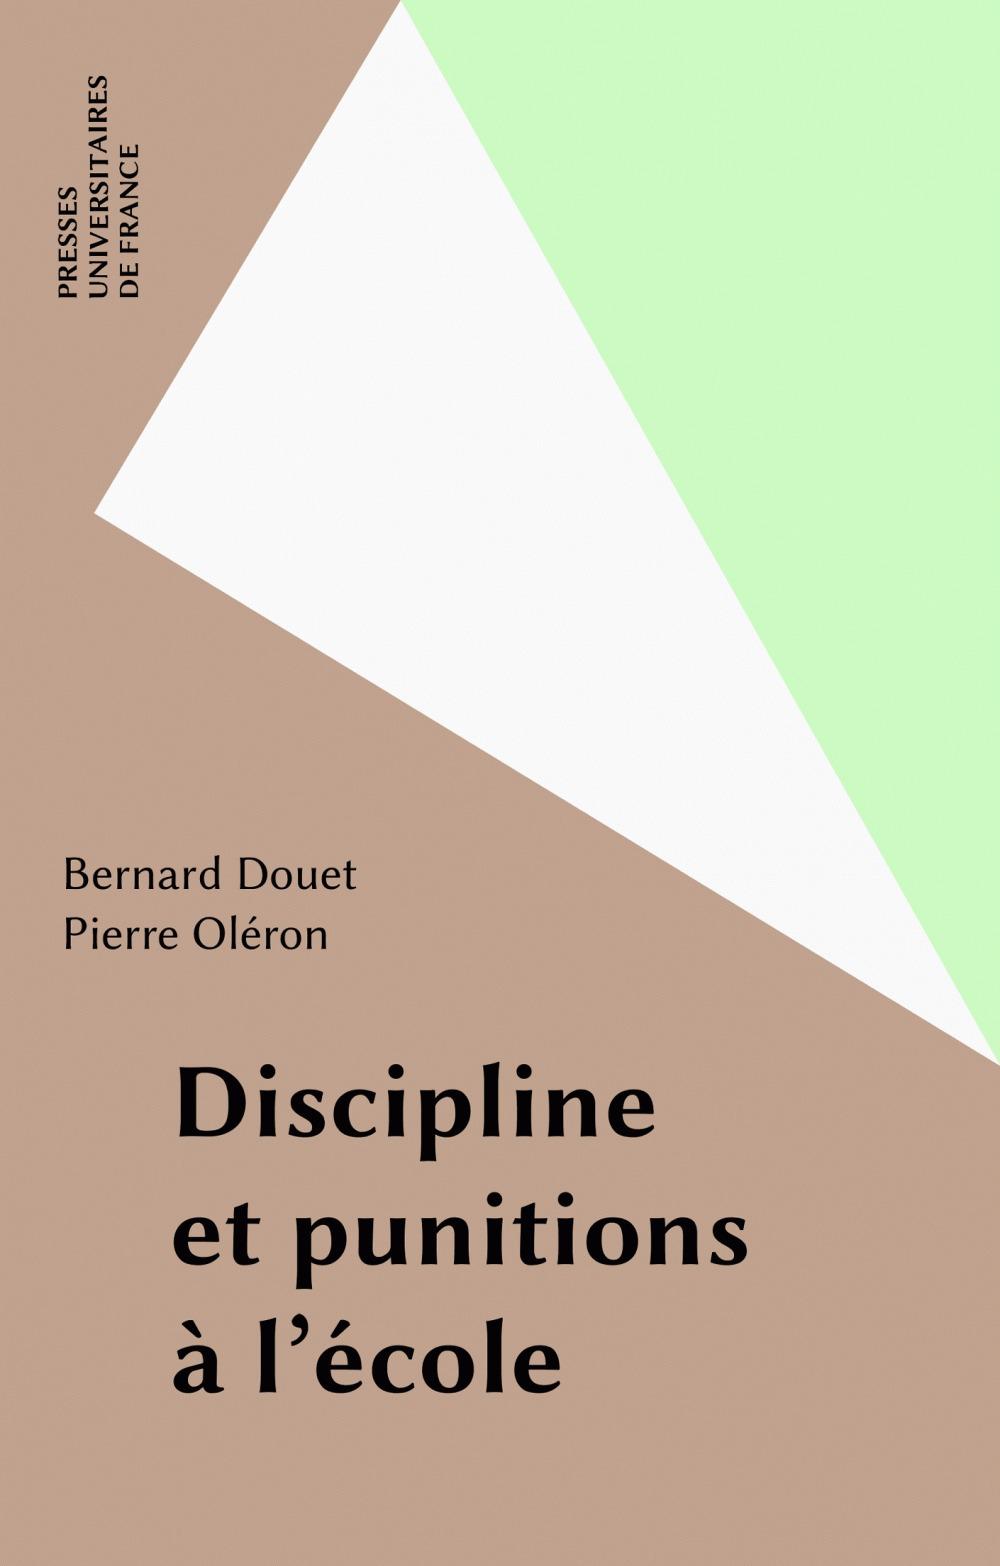 Discipline et punitions a l'ecole